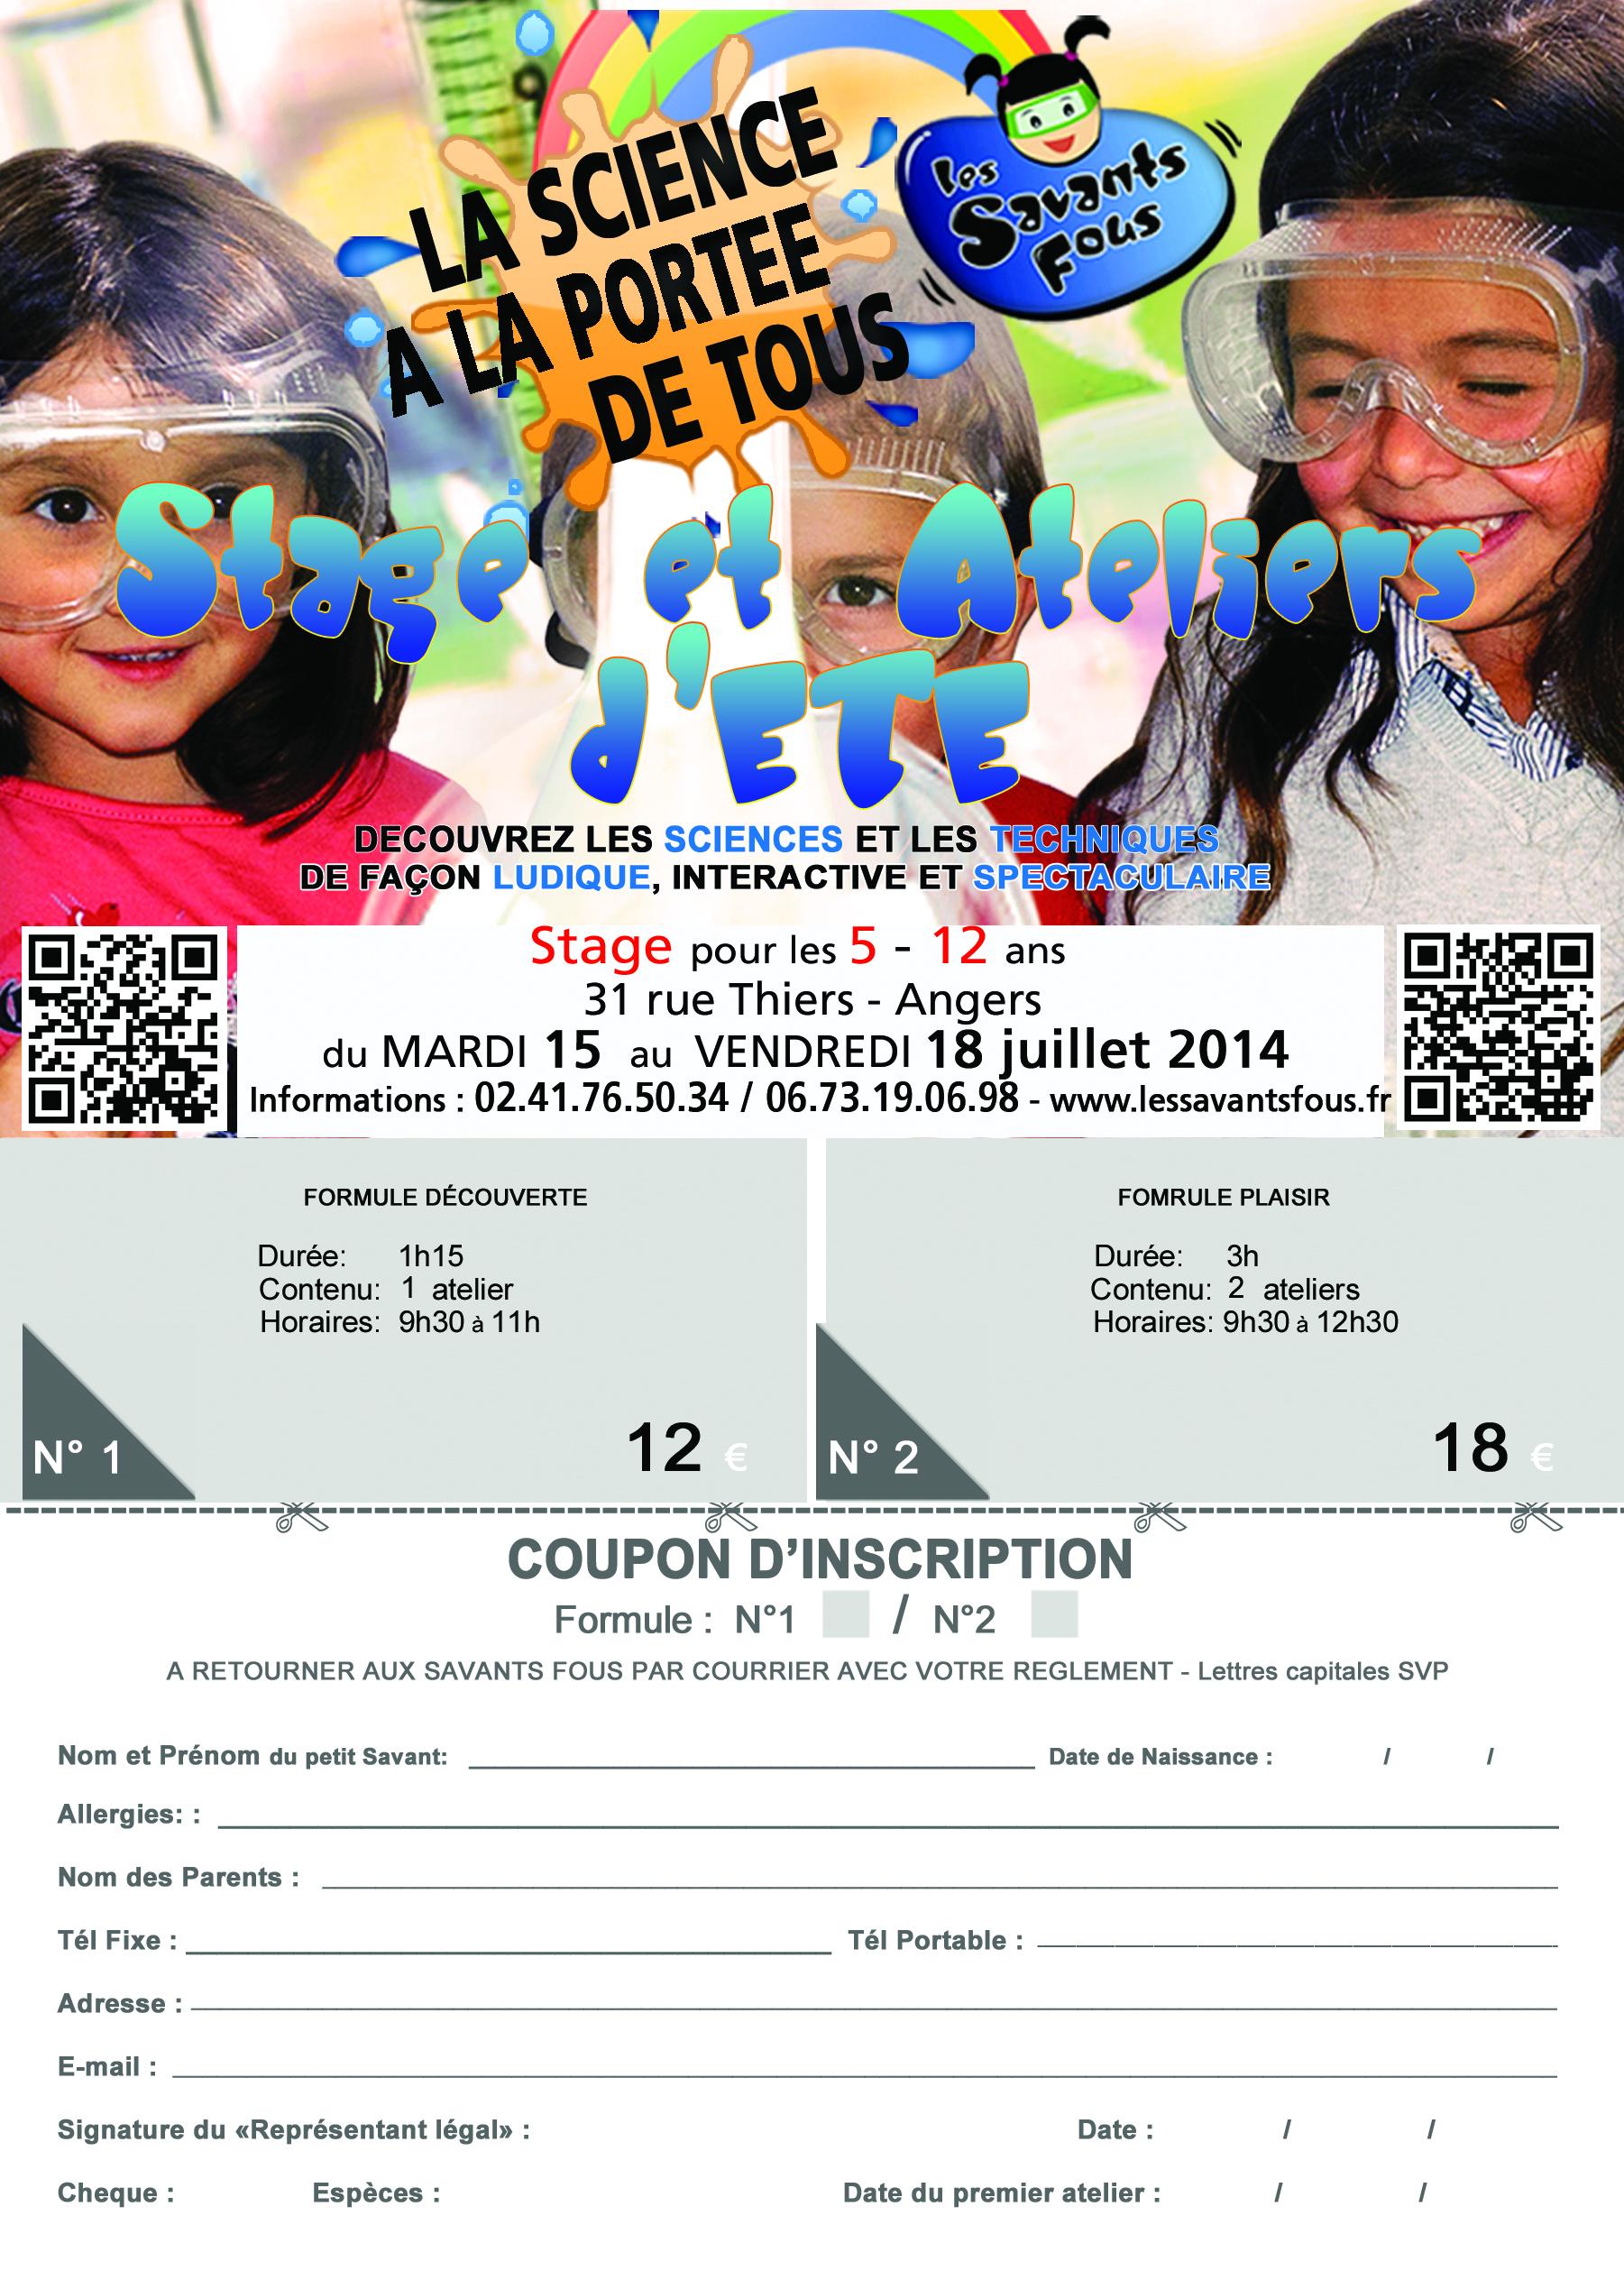 Bulletin d'inscription aux Stages et Ateliers des Savants Fous pour la semaine du 10 au 14 Mars 2014